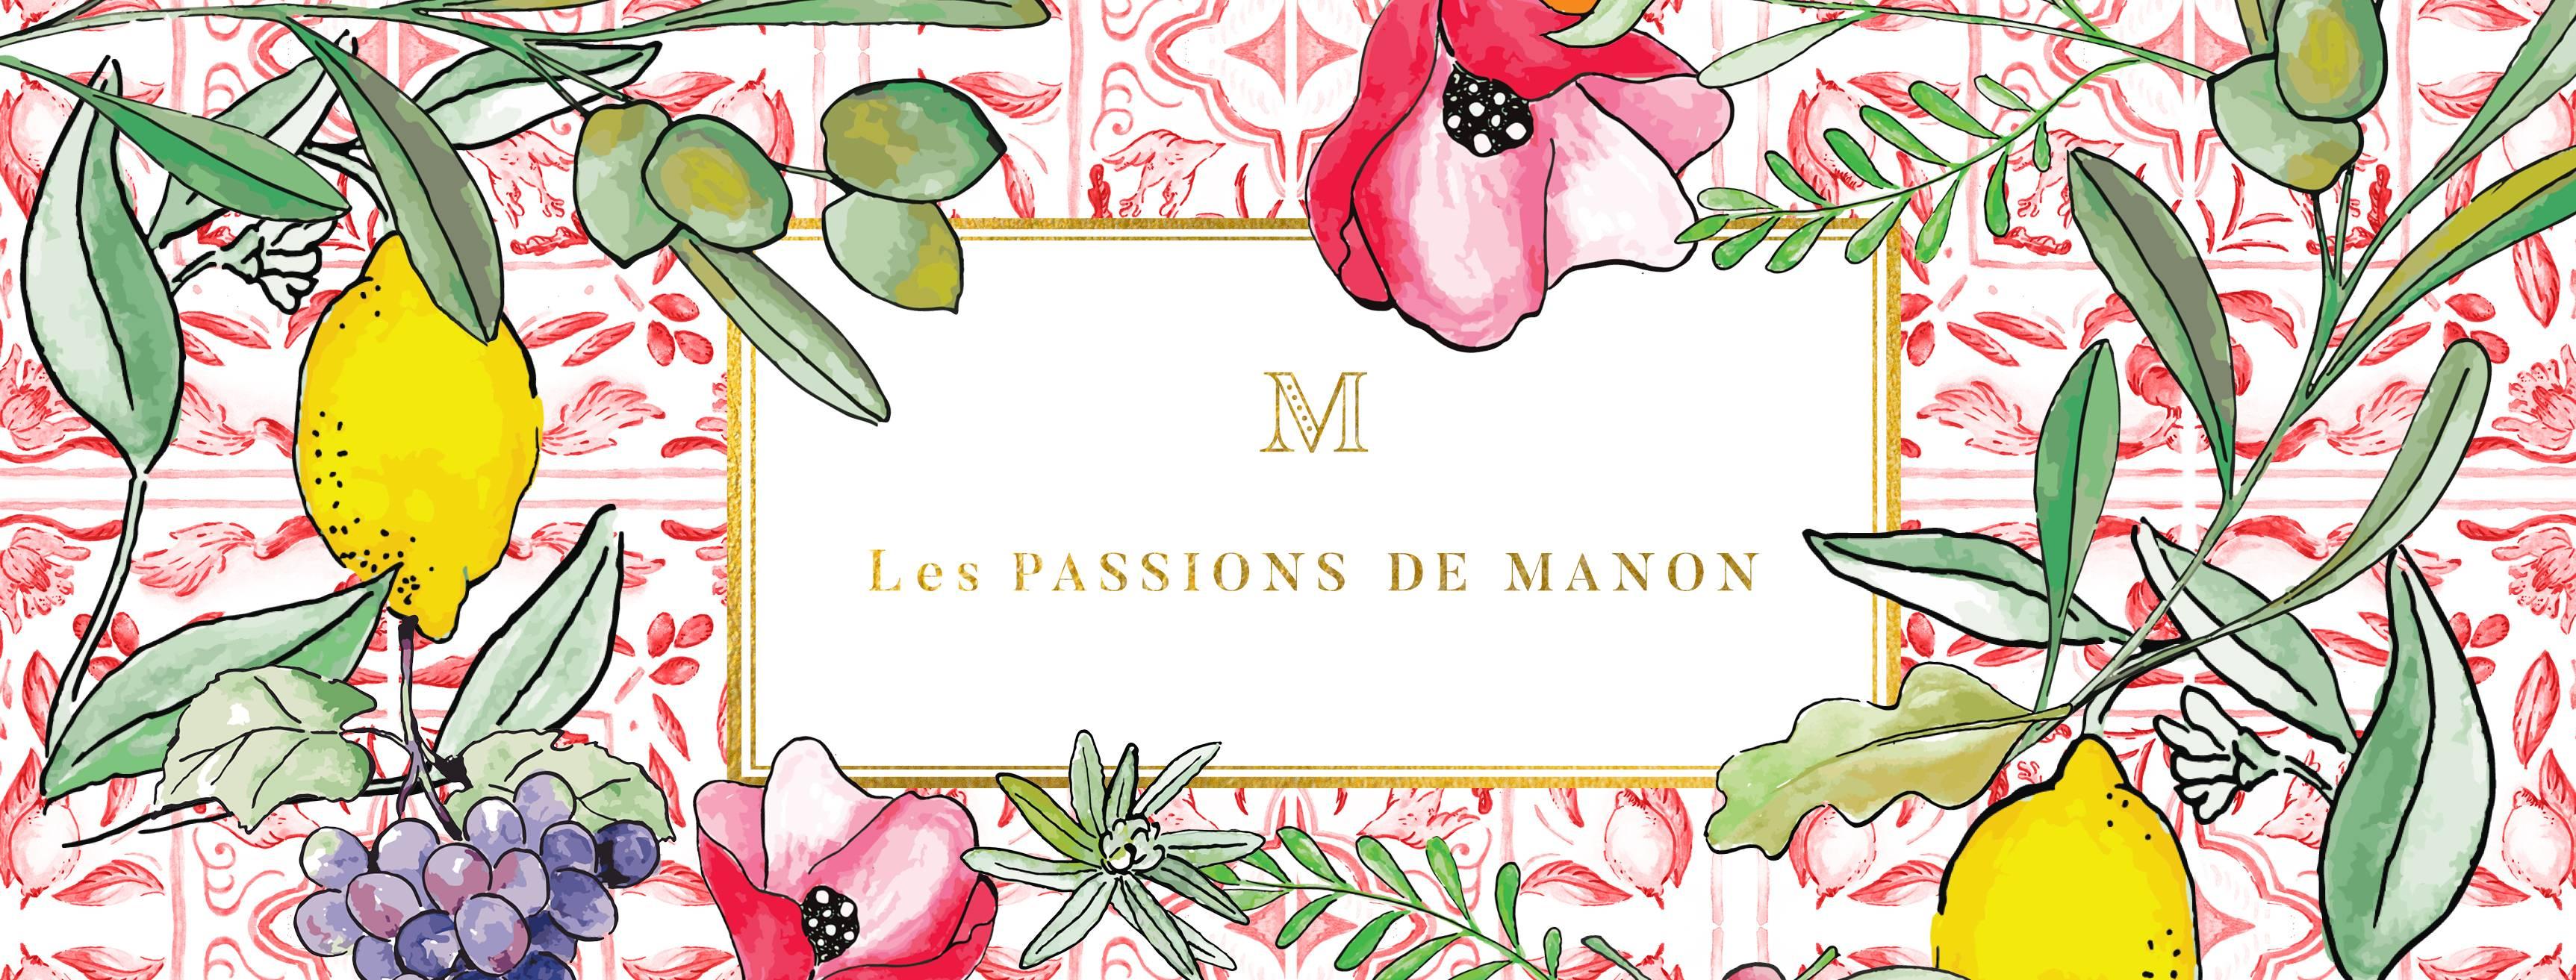 Les Passions de Manon